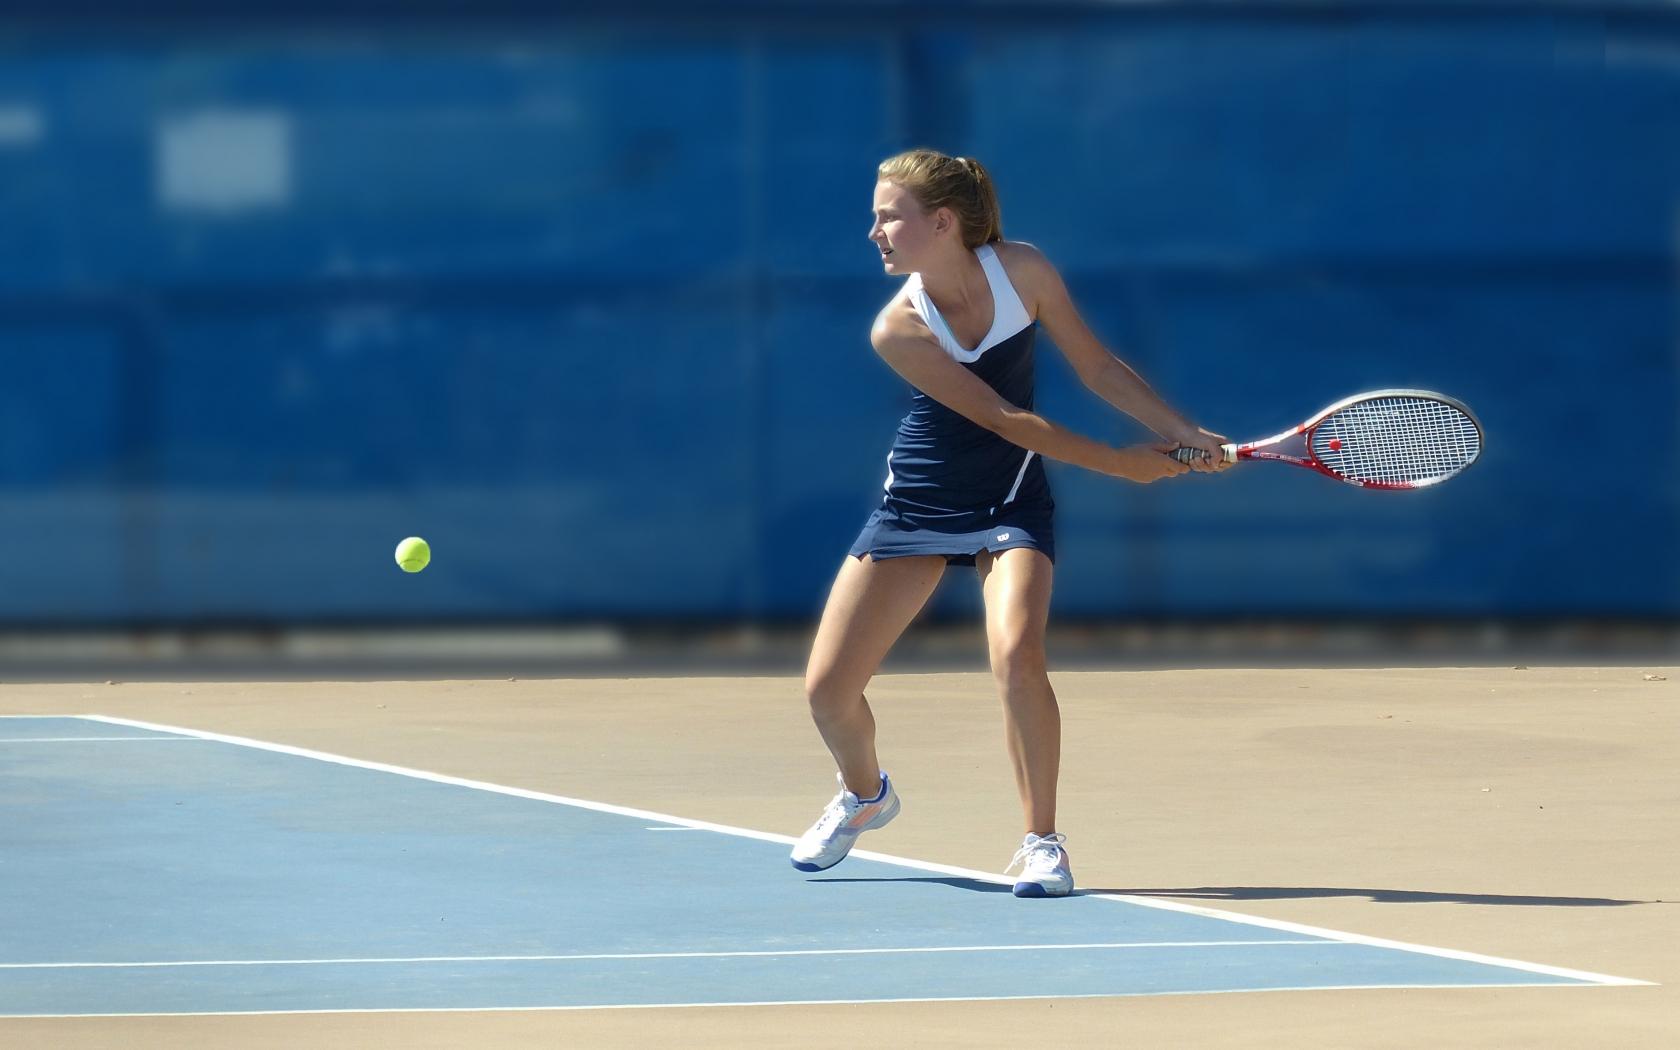 Chicas jugando tenis - 1680x1050